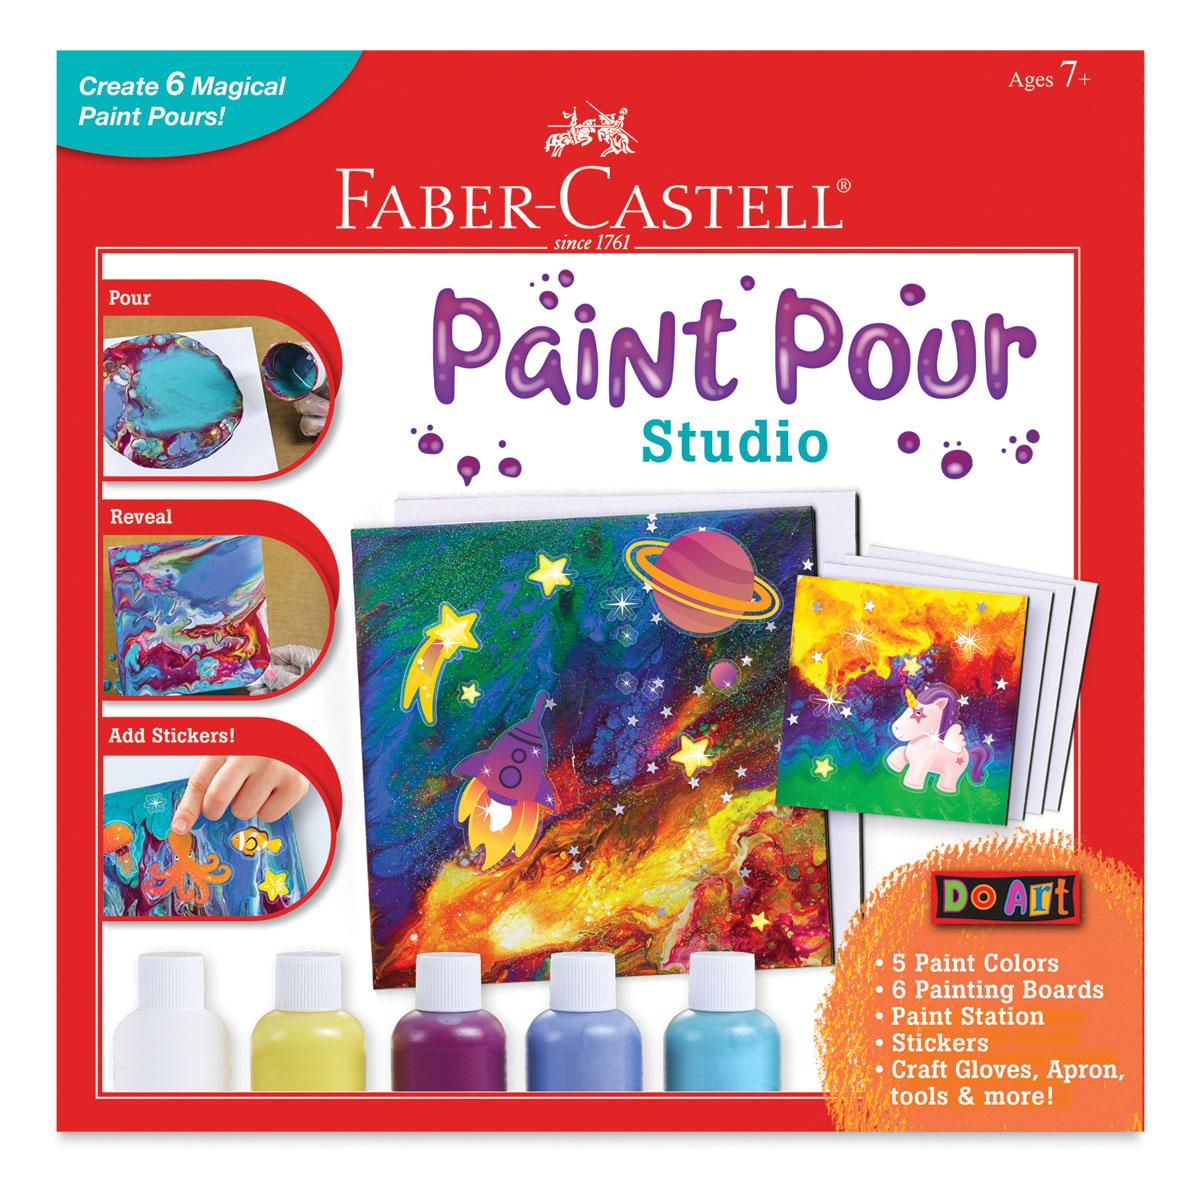 Faber-Castell Do Art Paint Pour Studio Kit